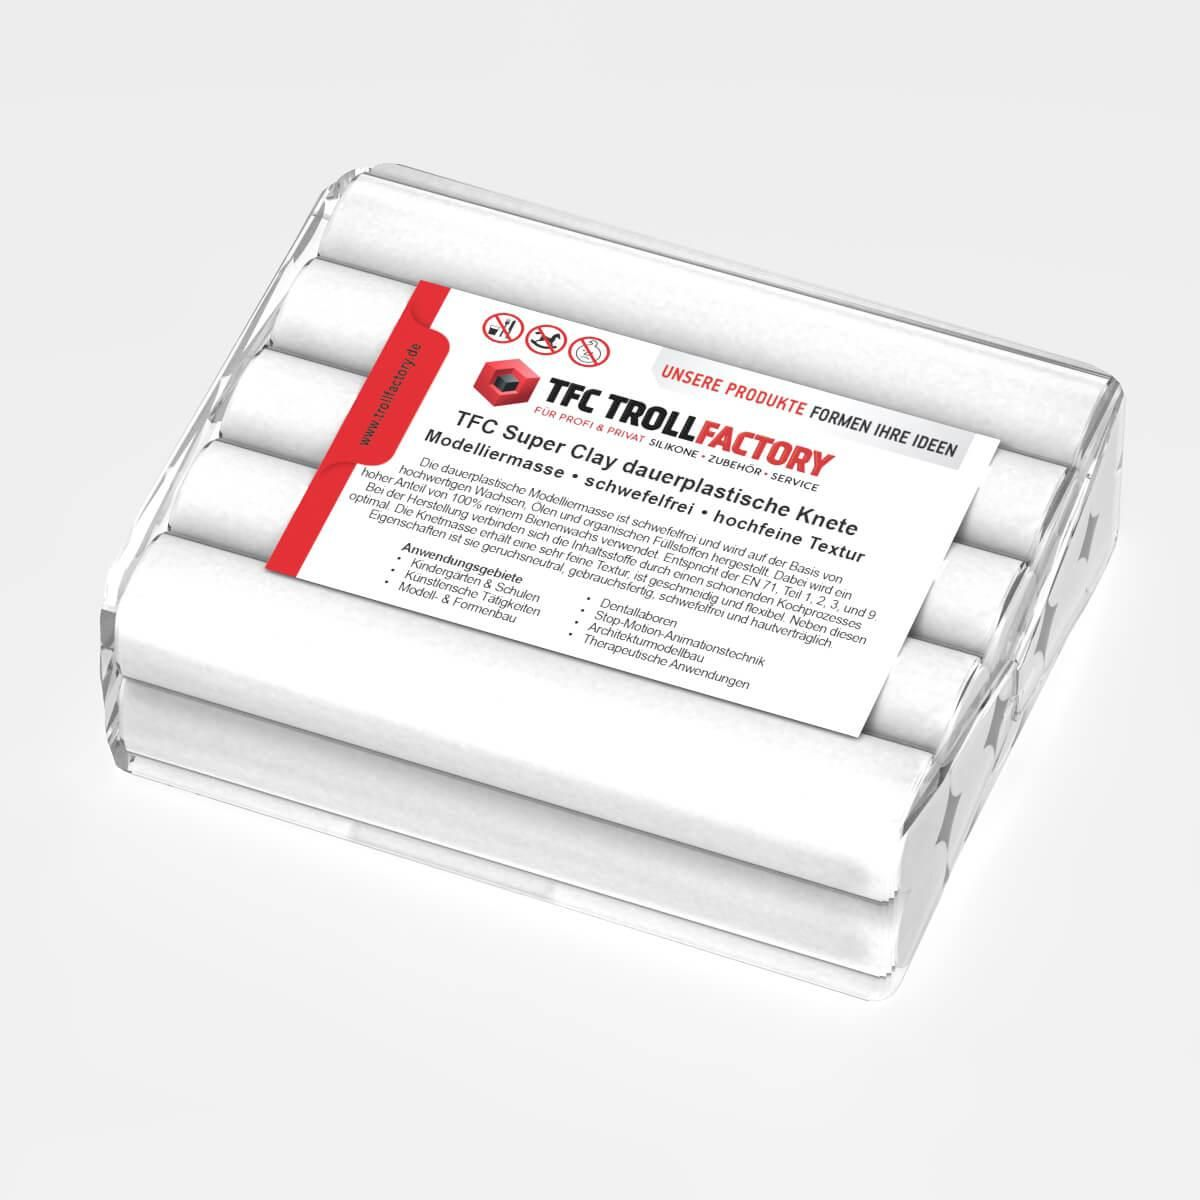 TFC SUPER CLAY Knete weiss Modelliermasse hochfeine Textur geschmeidig formstabil dauerplastisch